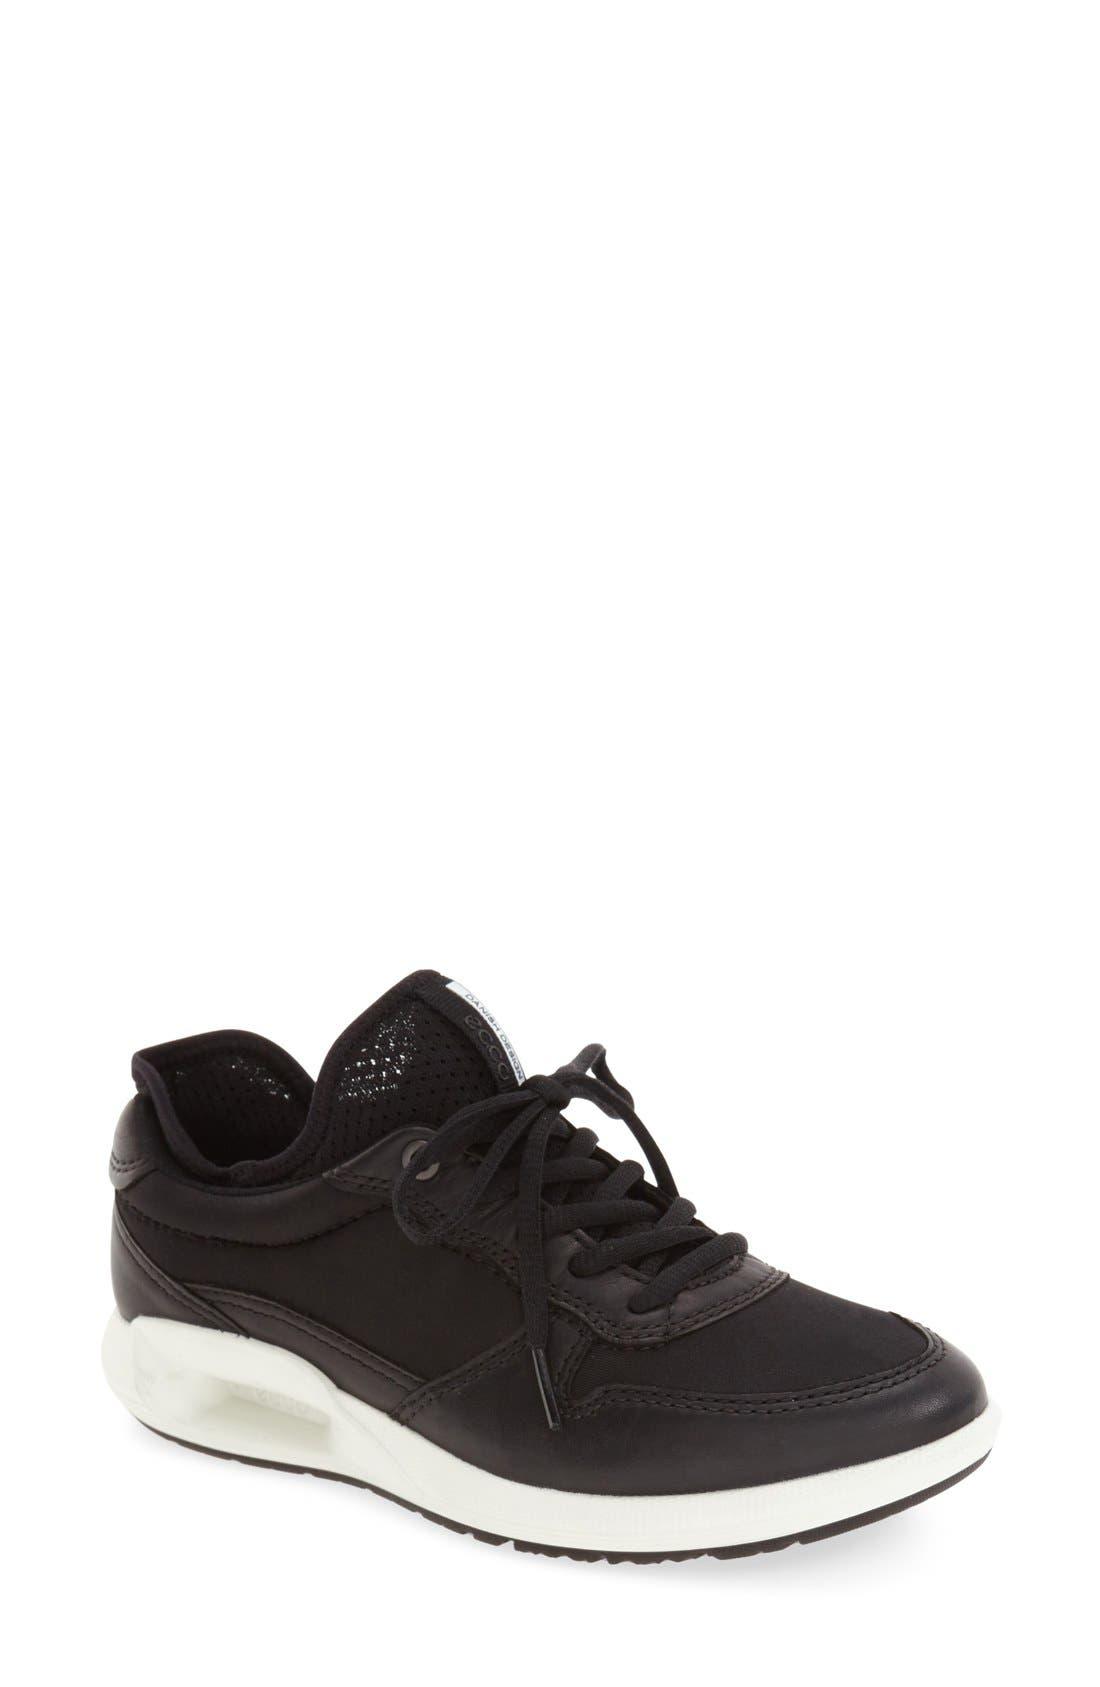 ECCO CS16 Sneaker